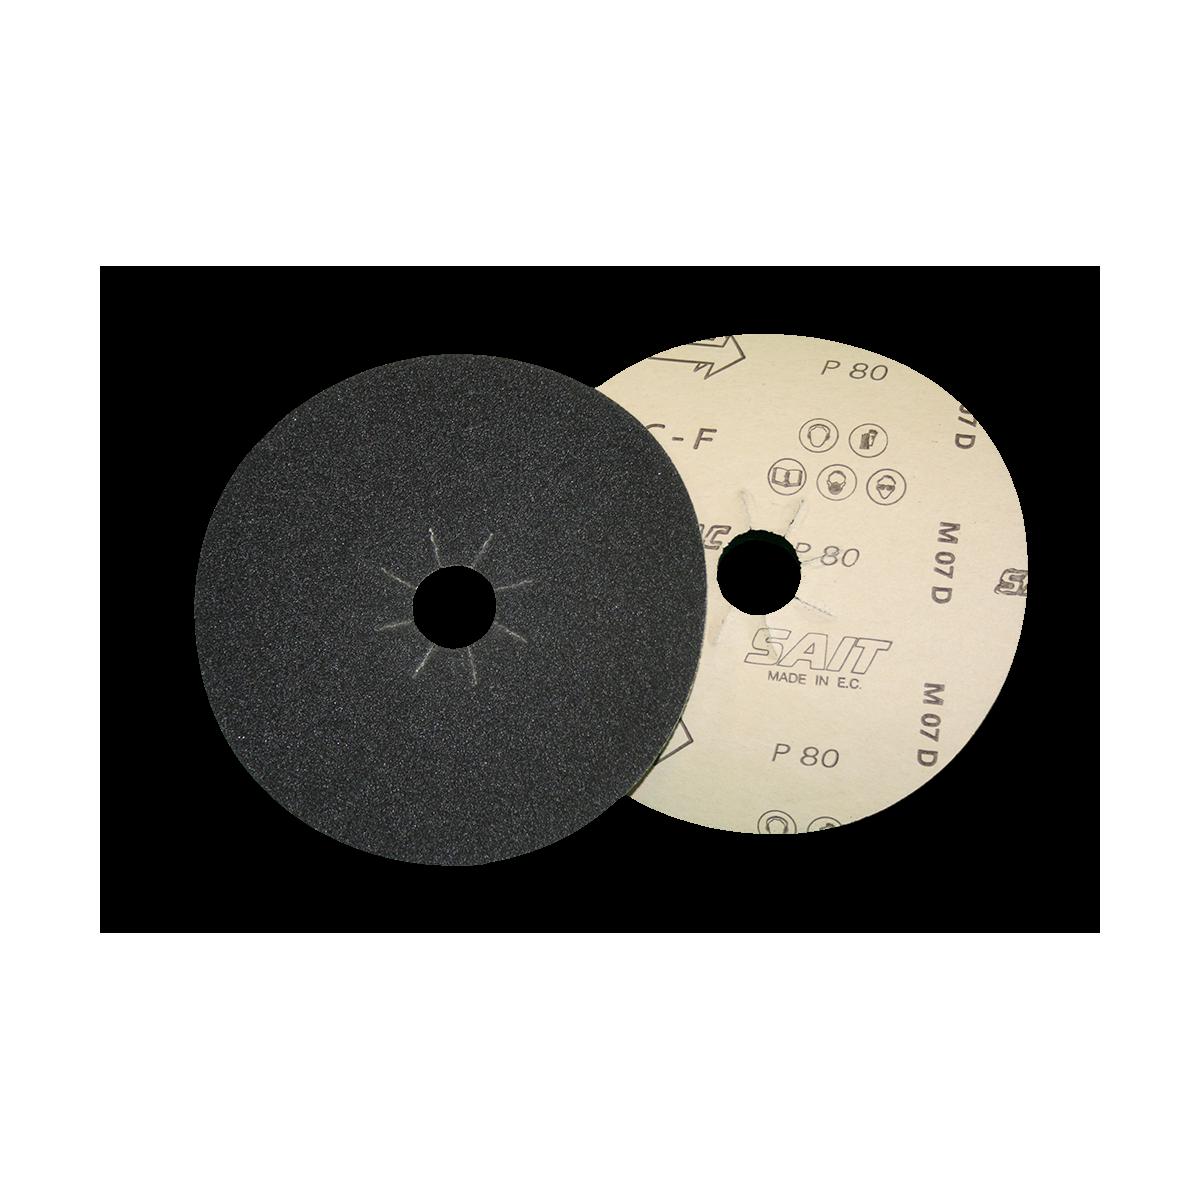 DISQUE PAPIER SAIT ETOILES - 140 X 22